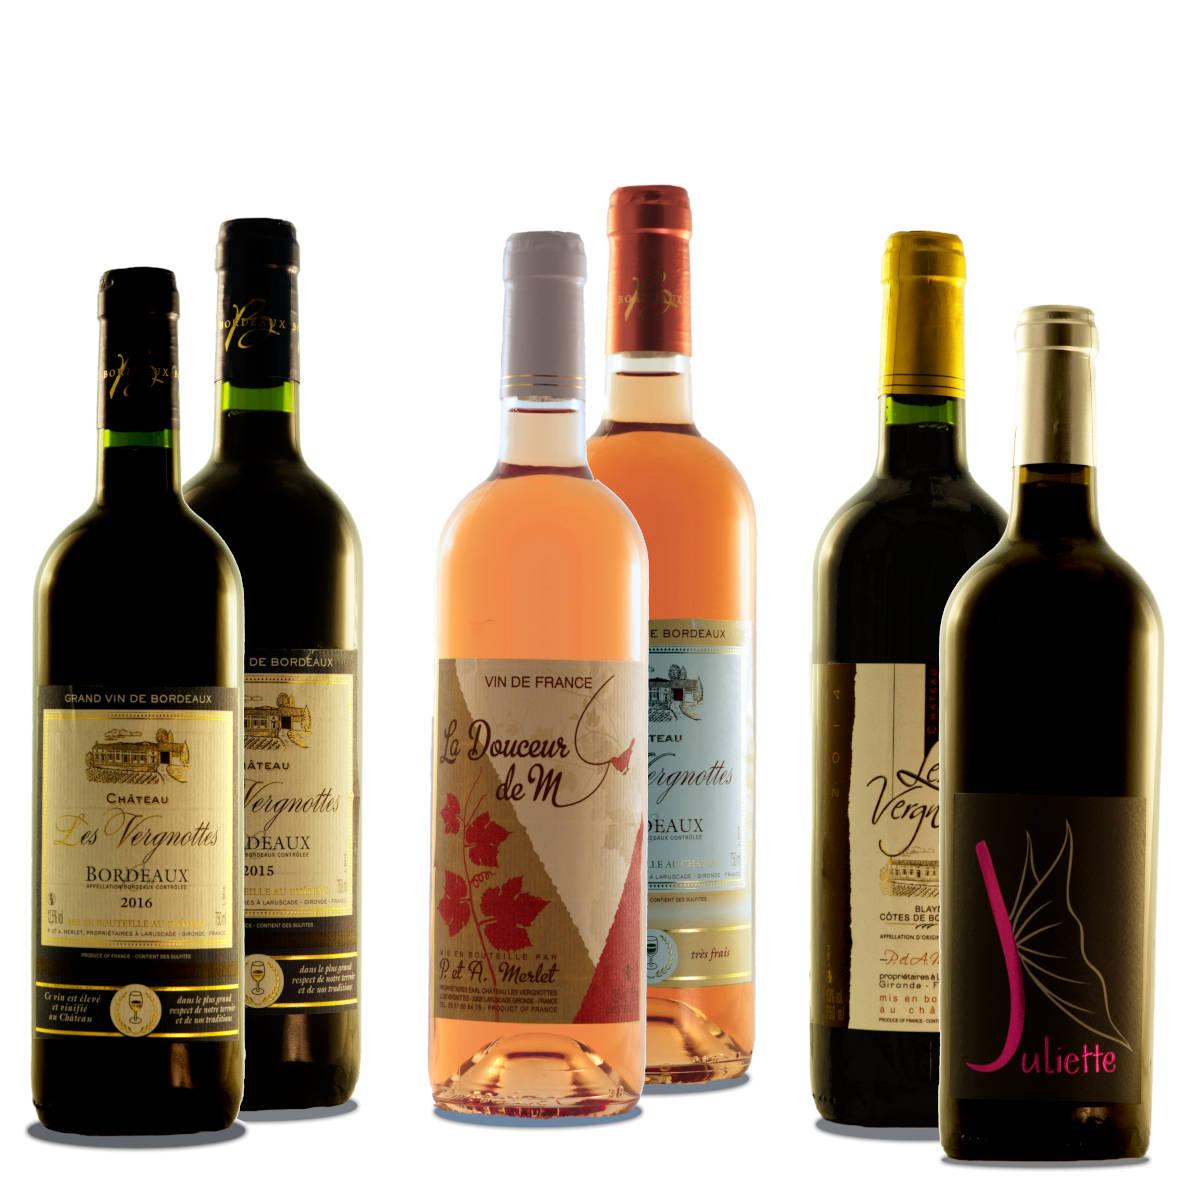 Coffret Découverte Vins de Bordeaux